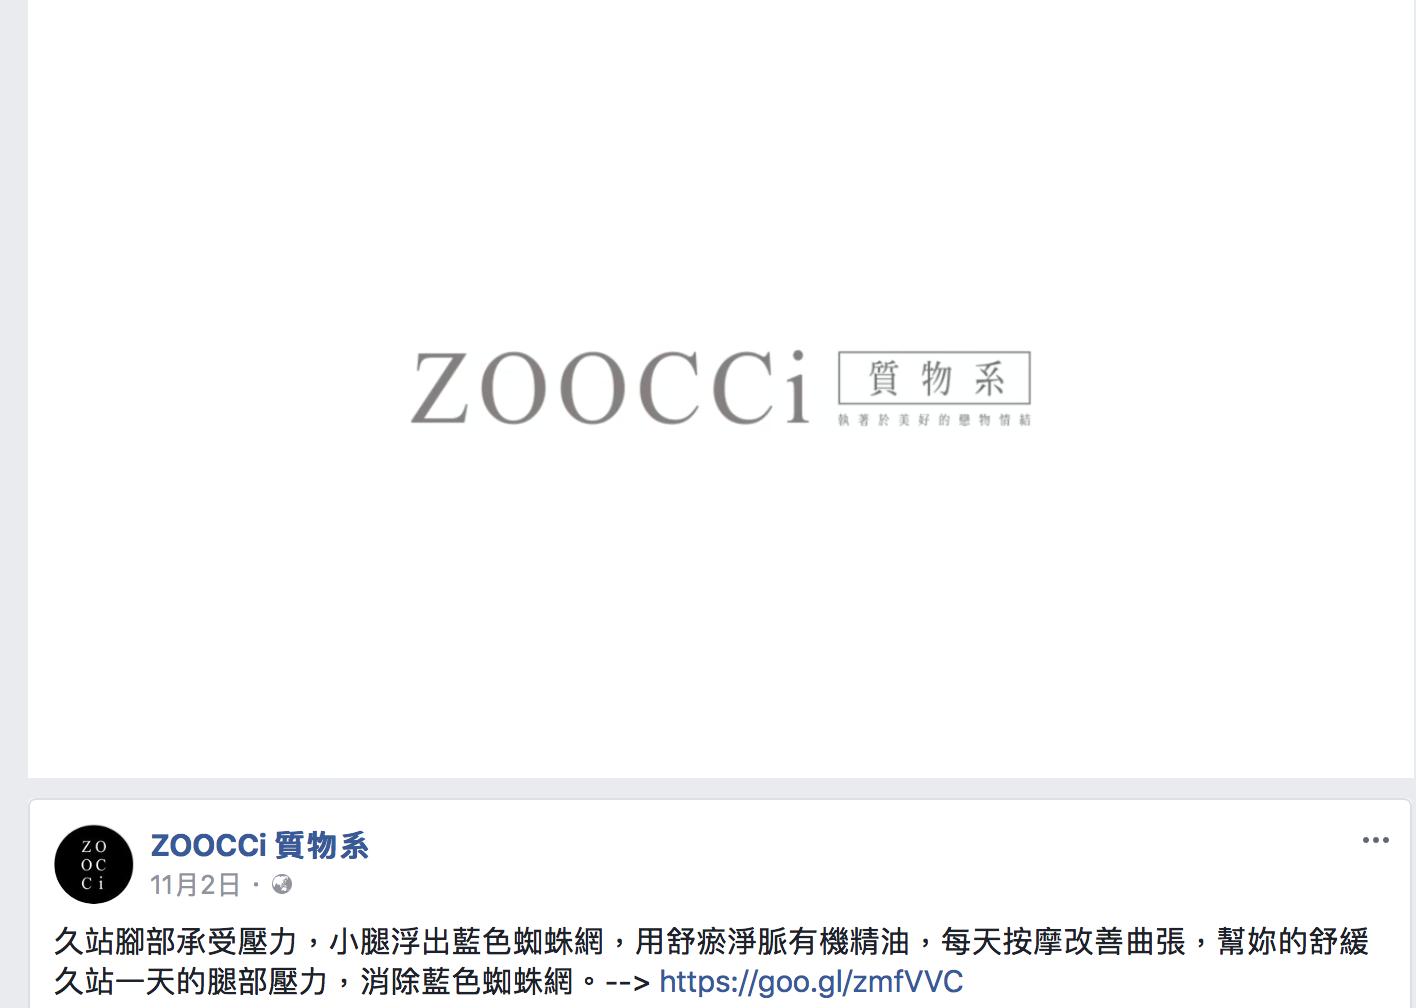 ZOOCCi 質物系社群網站截圖